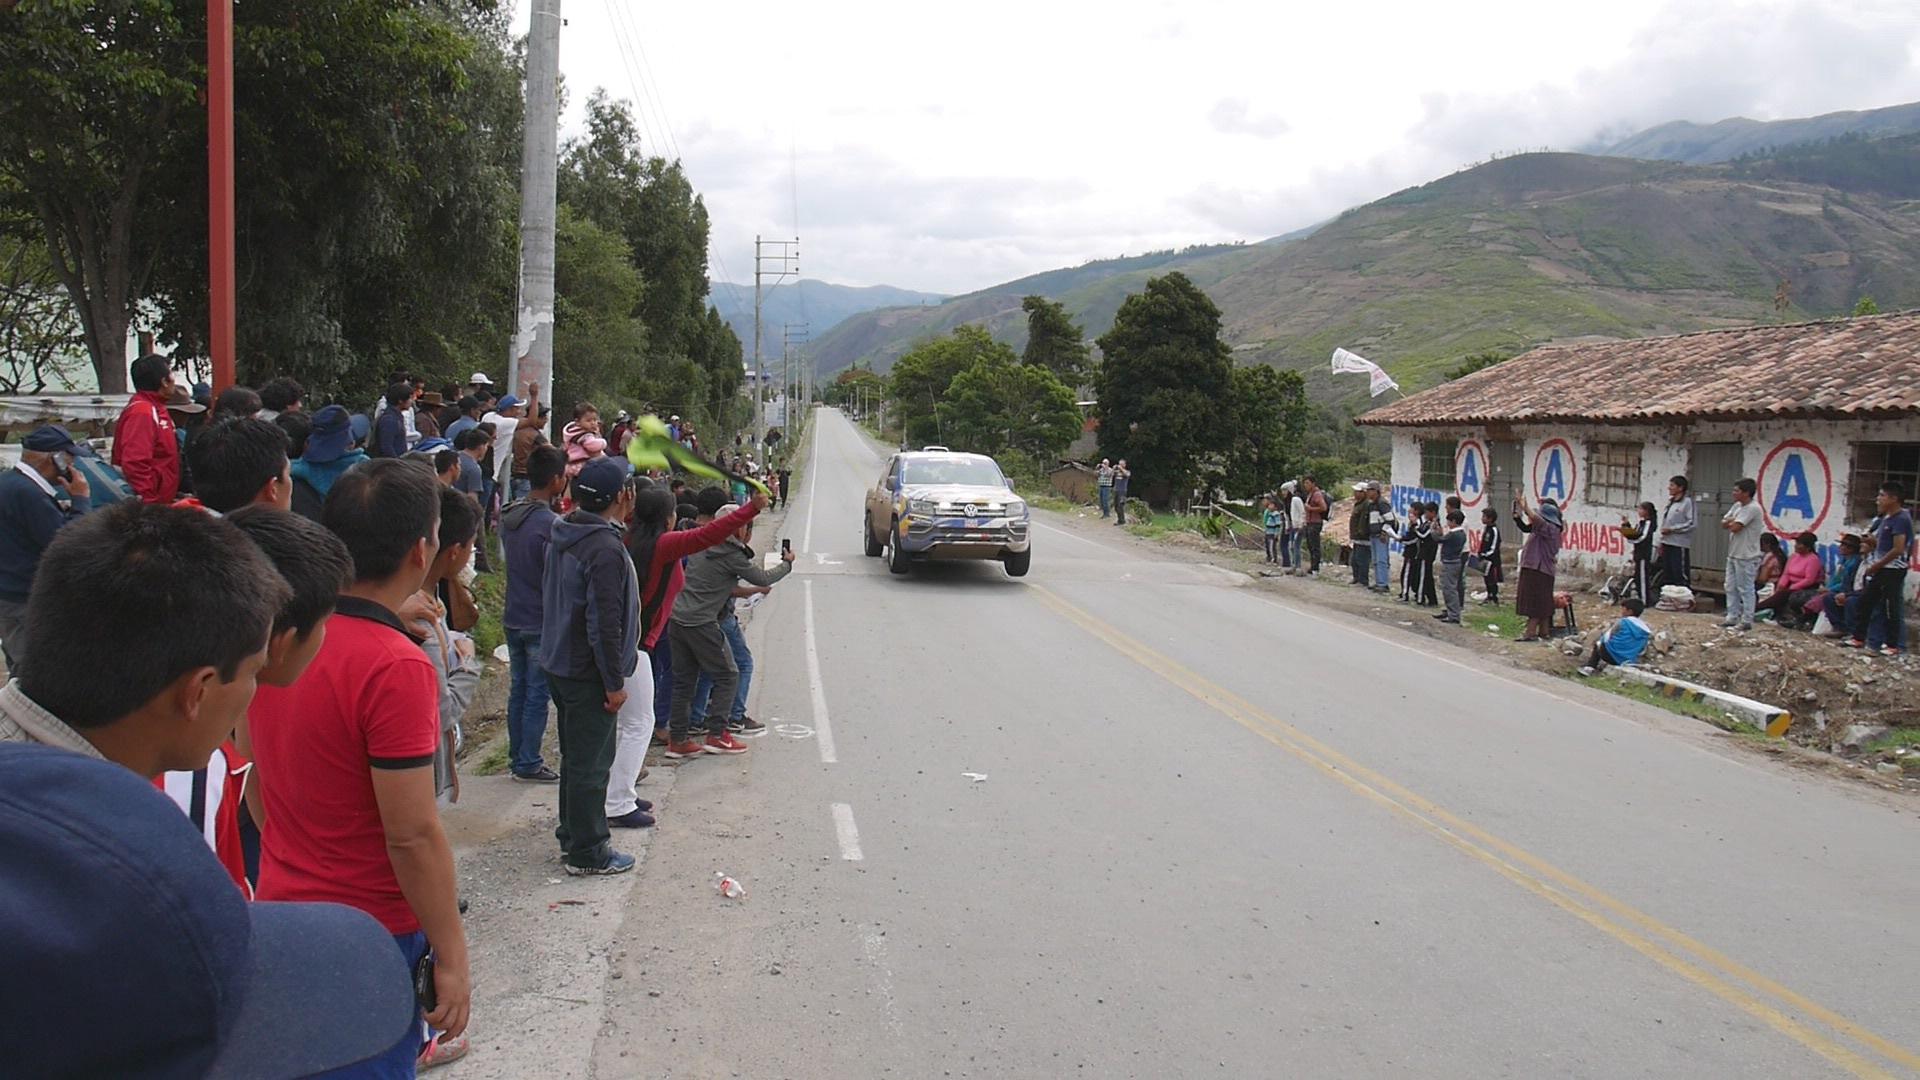 Keiner ist Schneller: Das VW Rallye Team mit dem VW Amarok V6 beim Sprung über die Bodenwelle vor der Zufahrt zum Krankenhaus....